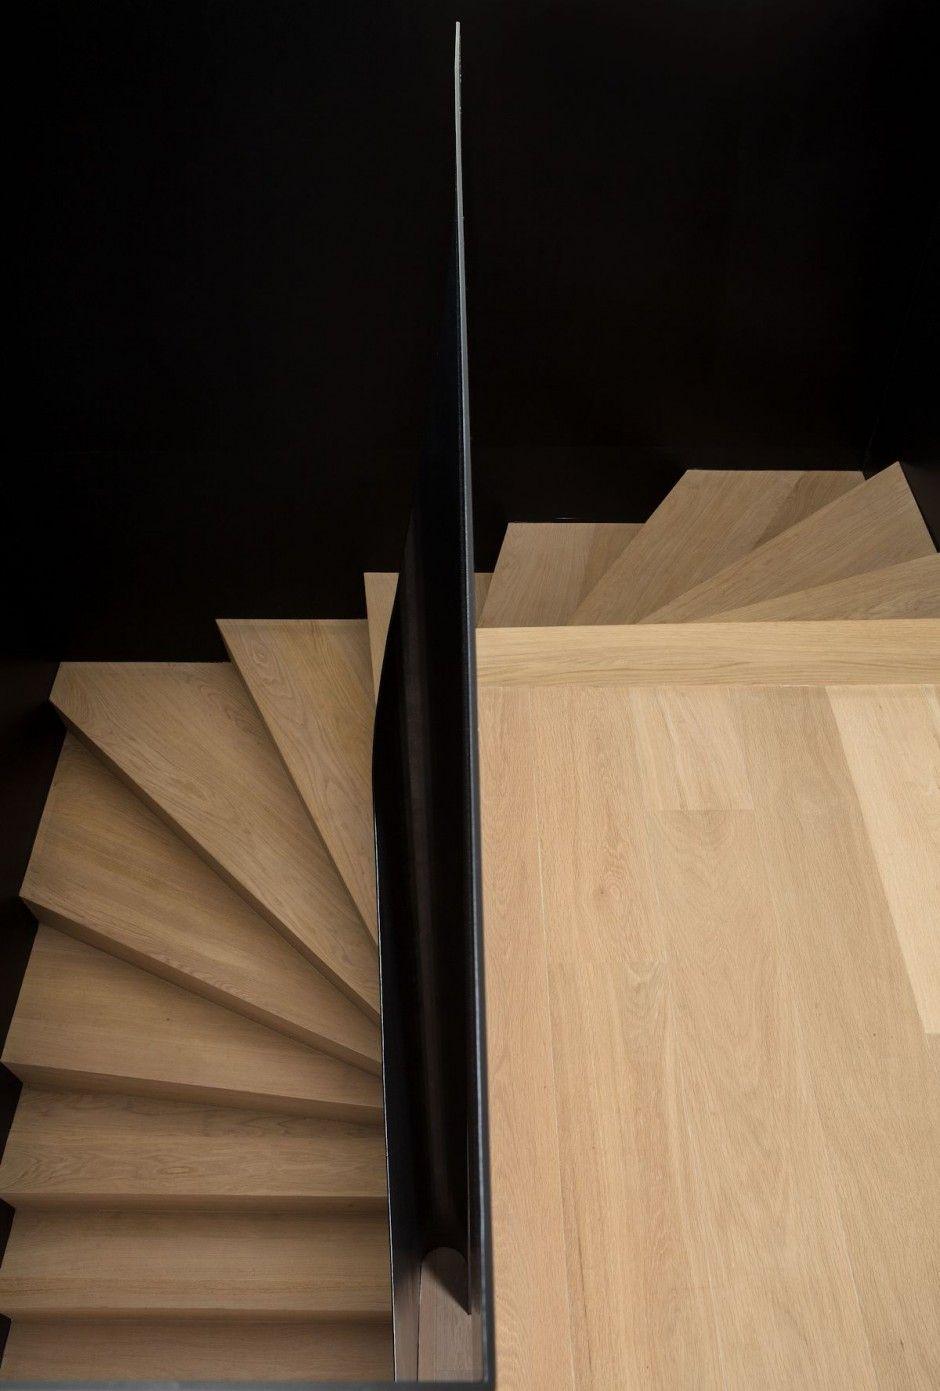 House LS by dmvA >  Steel plate guardrail